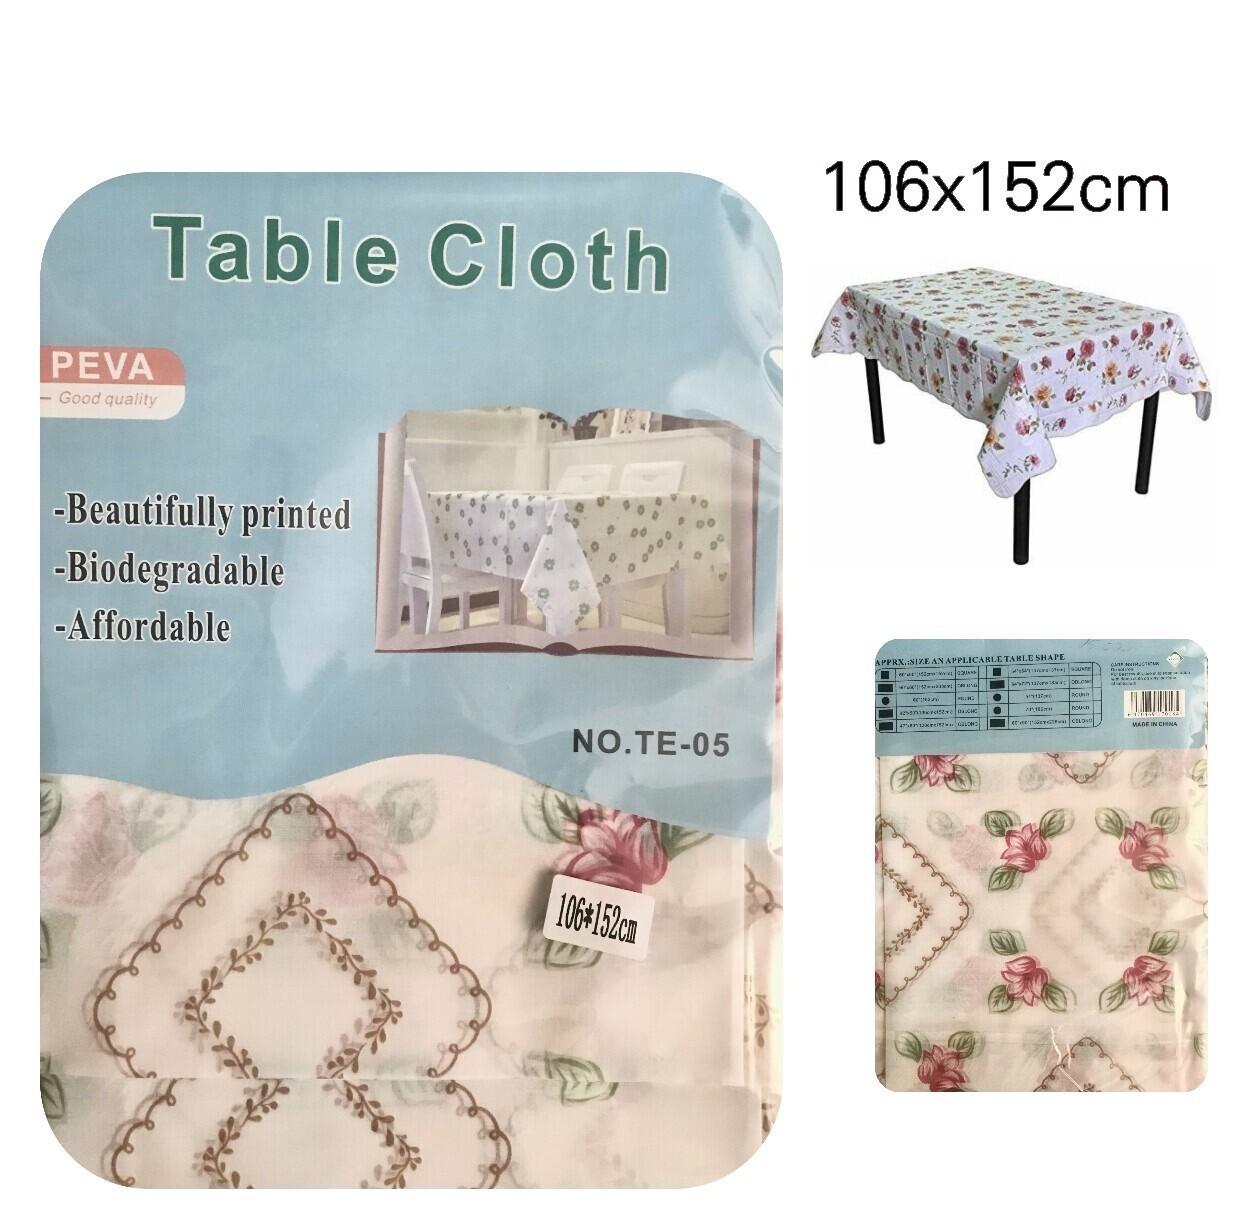 Table Cloth TE-05